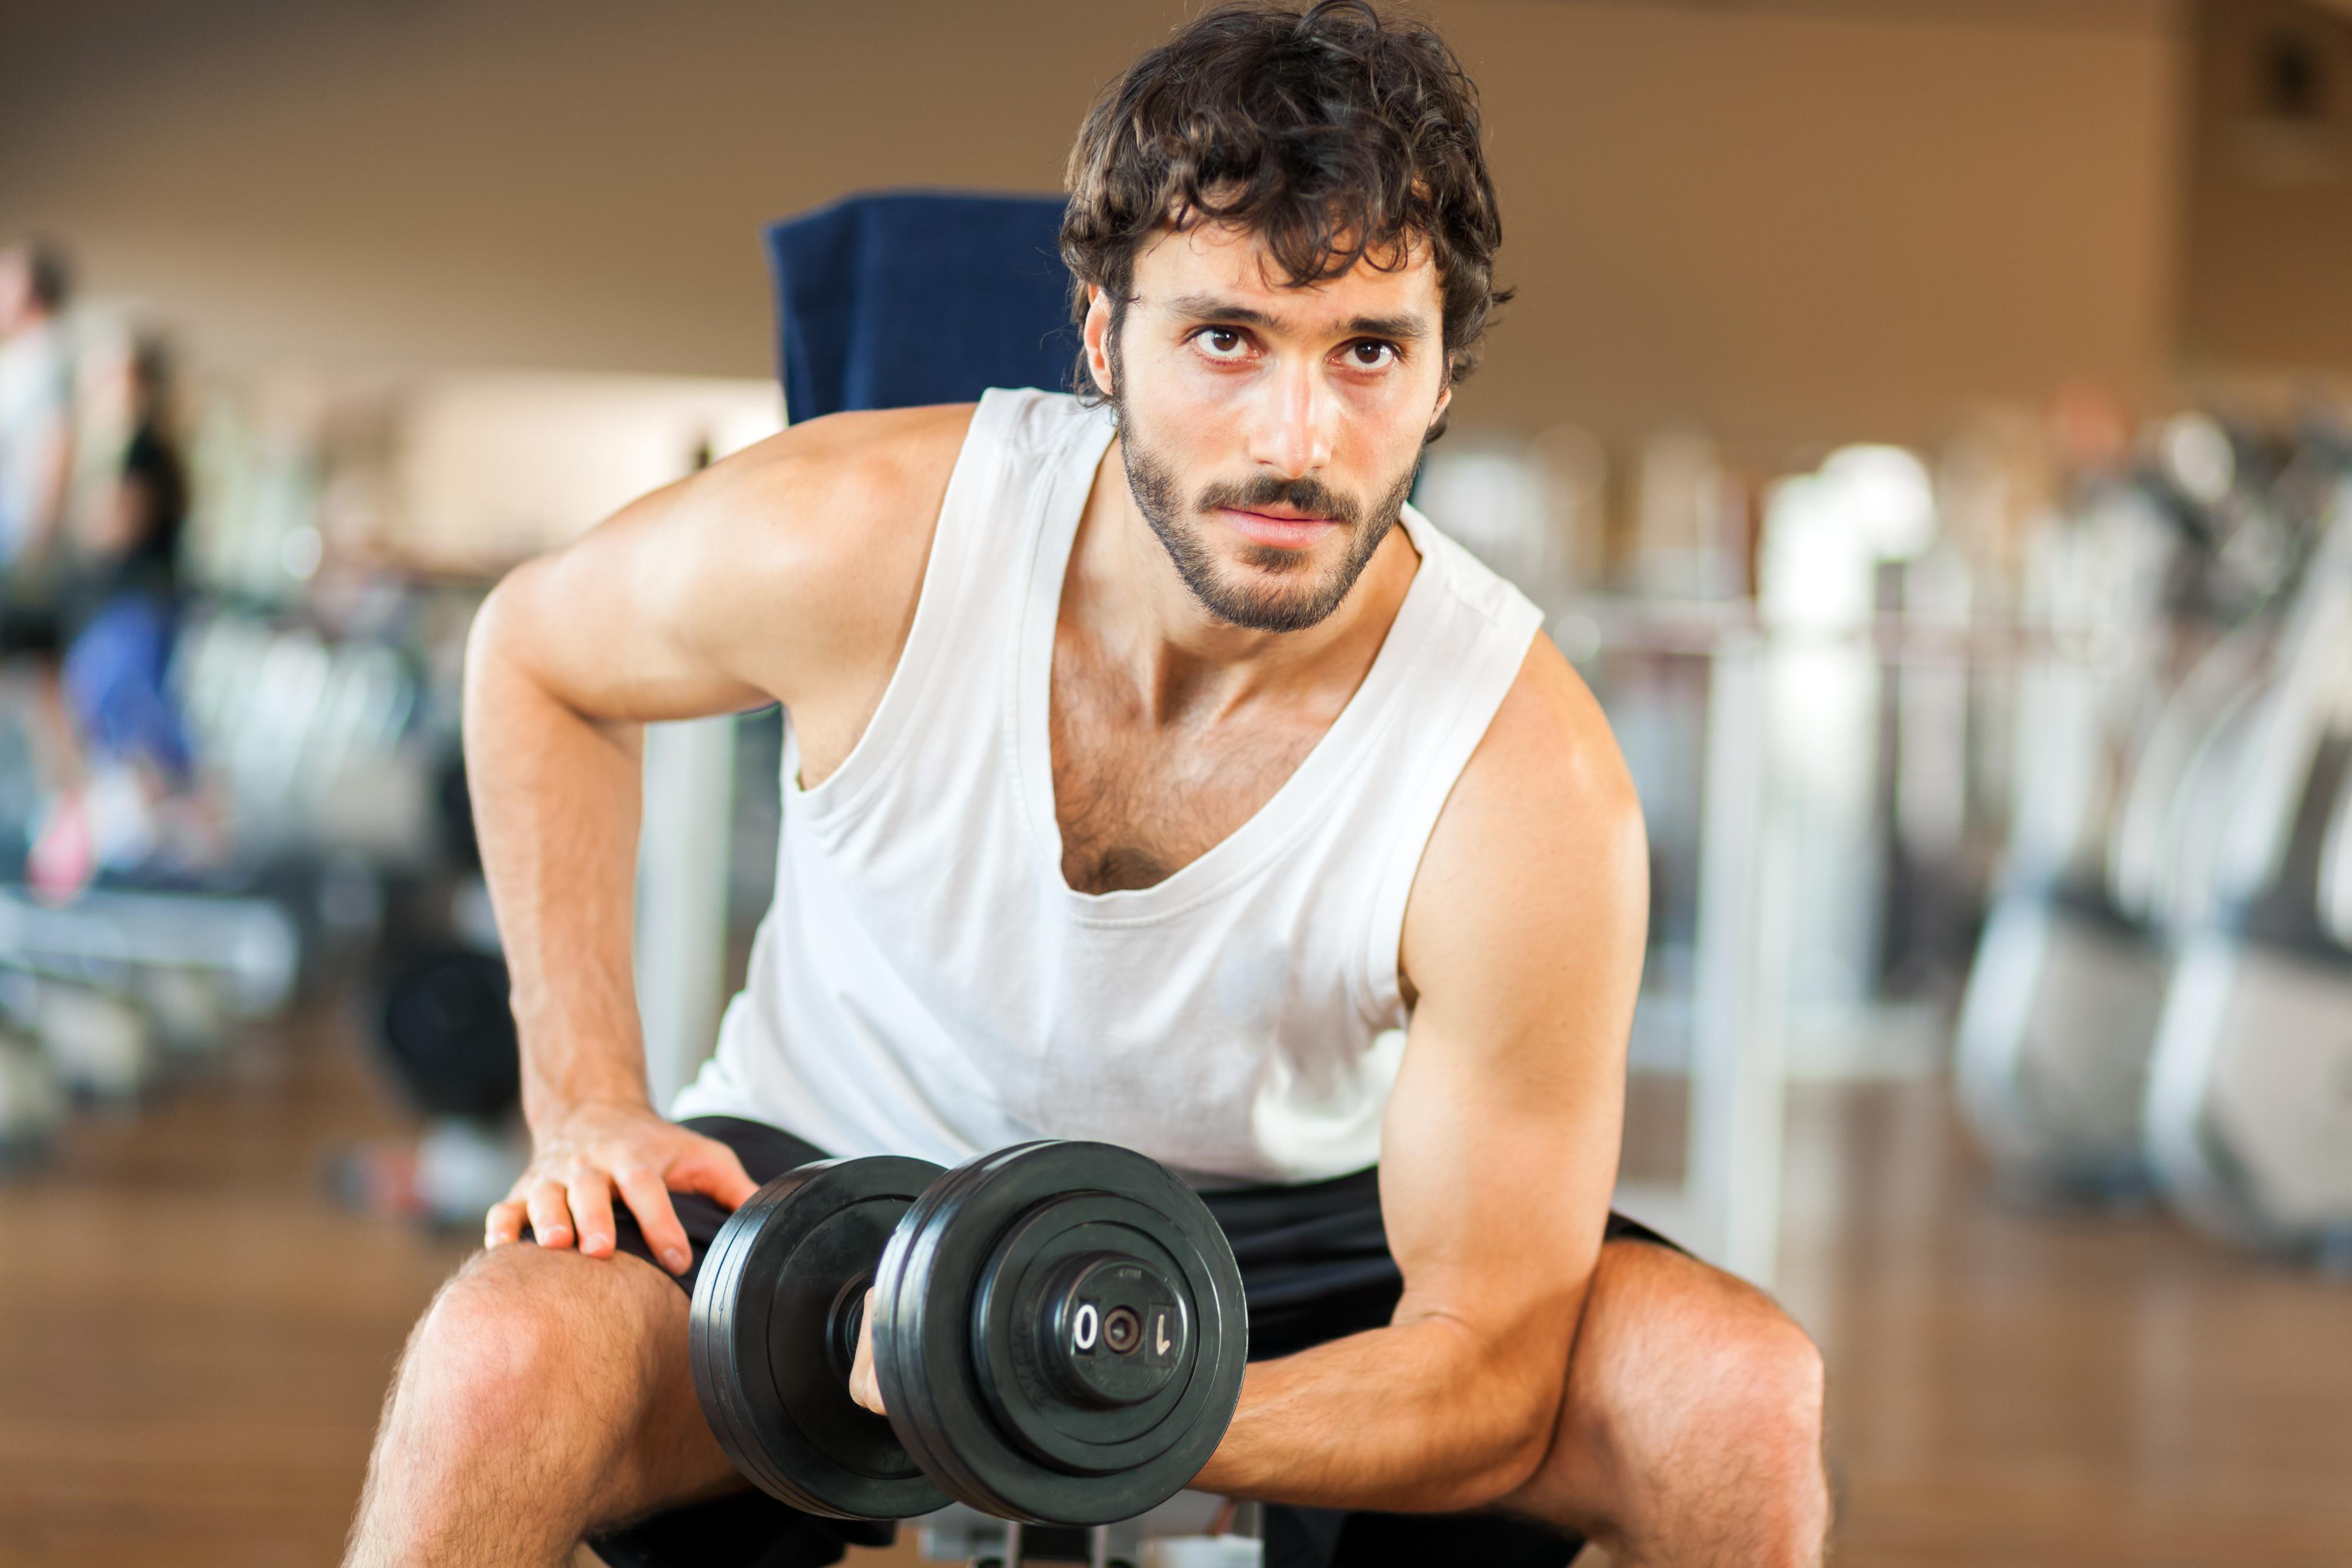 Vår balans och koordination är sämre nattetid, därför bör man vara extra försiktig om man tränar då.